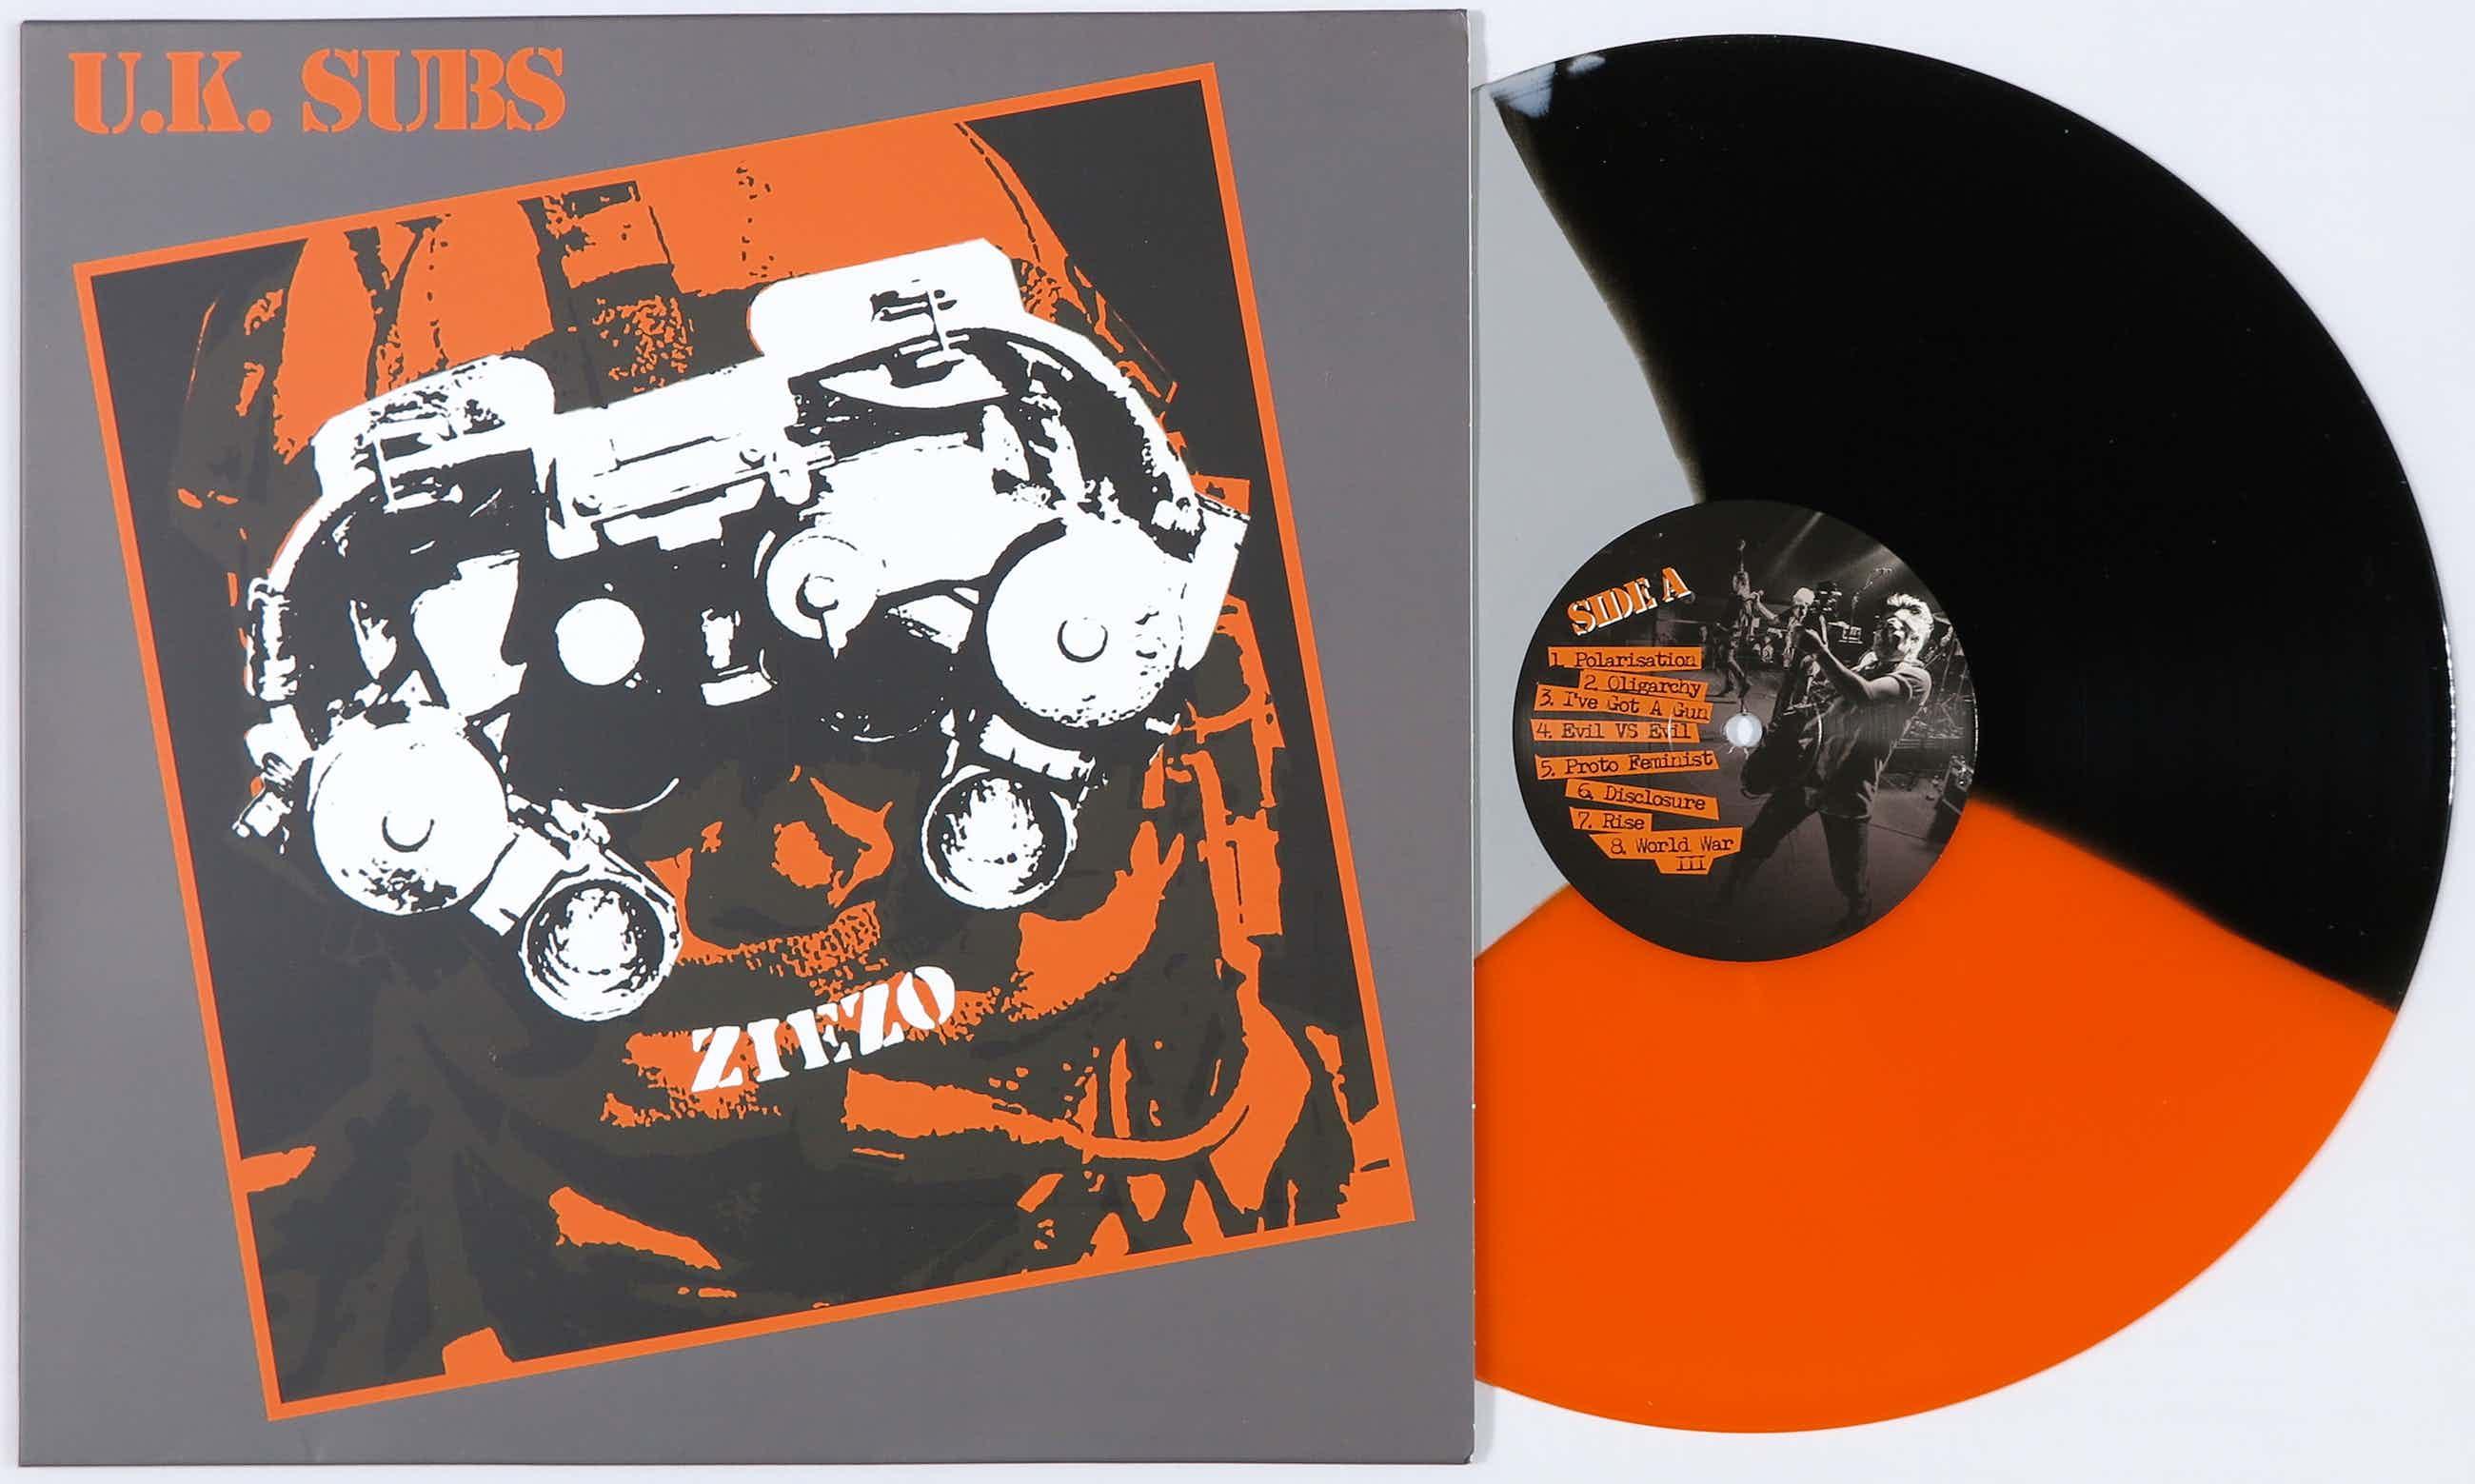 Banksy - Limited edition album Ziezo van U.K. Subs kopen? Bied vanaf 80!